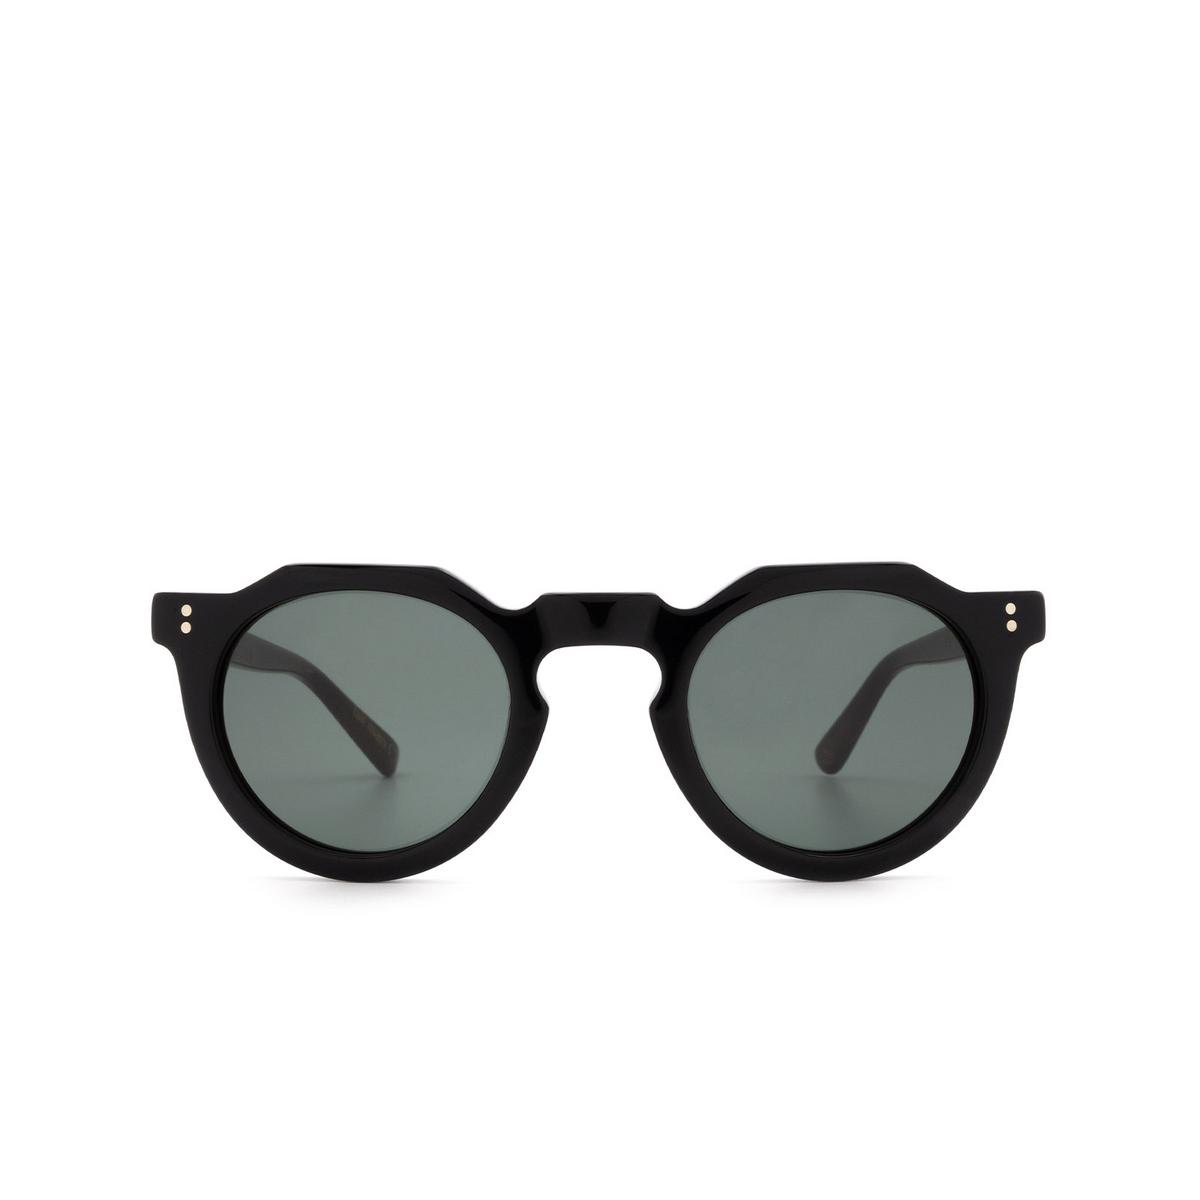 Lesca® Irregular Sunglasses: Picas color Noir 5 - front view.